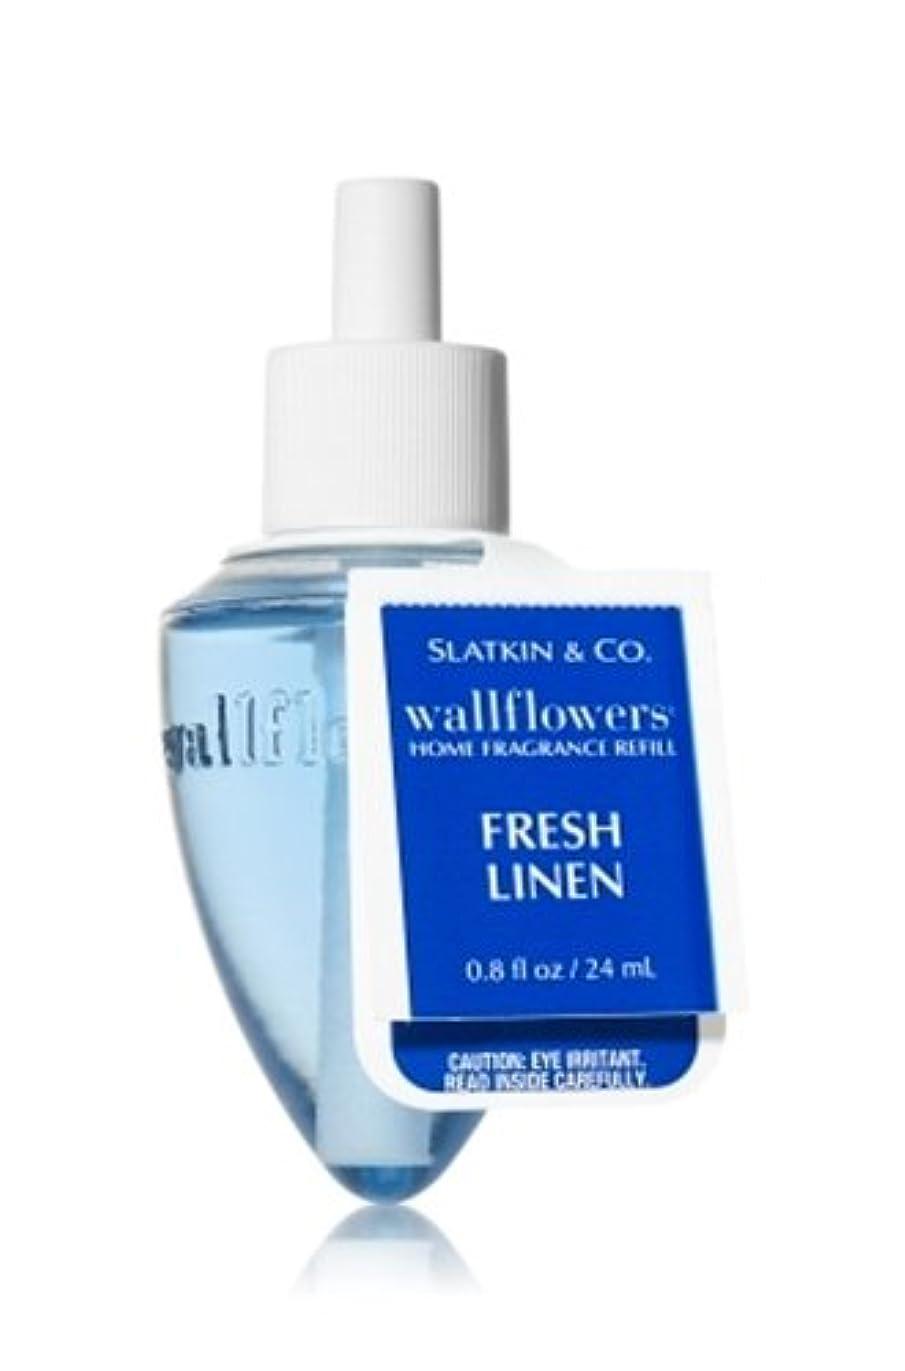 協同コウモリいうBath & Body Works(バス&ボディワークス)フレッシュ?リネン ホームフレグランス レフィル(本体は別売りです)Fresh Linen Wallflowers Refill Single Bottles